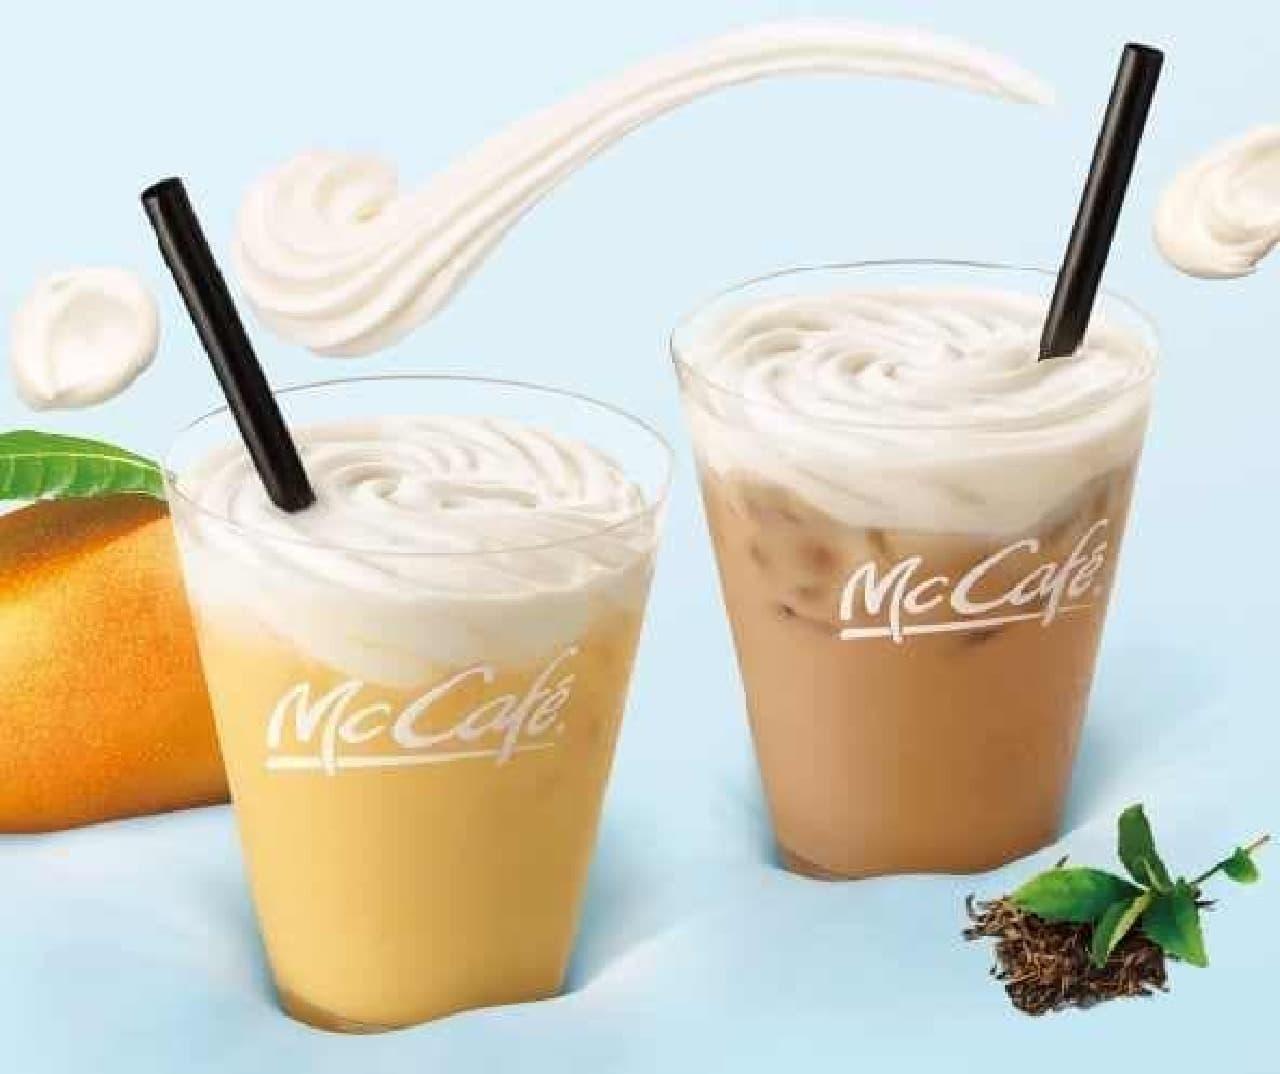 マックカフェ「マスカルポーネ入り ふわふわムースミルクティー」「マスカルポーネ入り ふわふわムースマンゴーミルク」